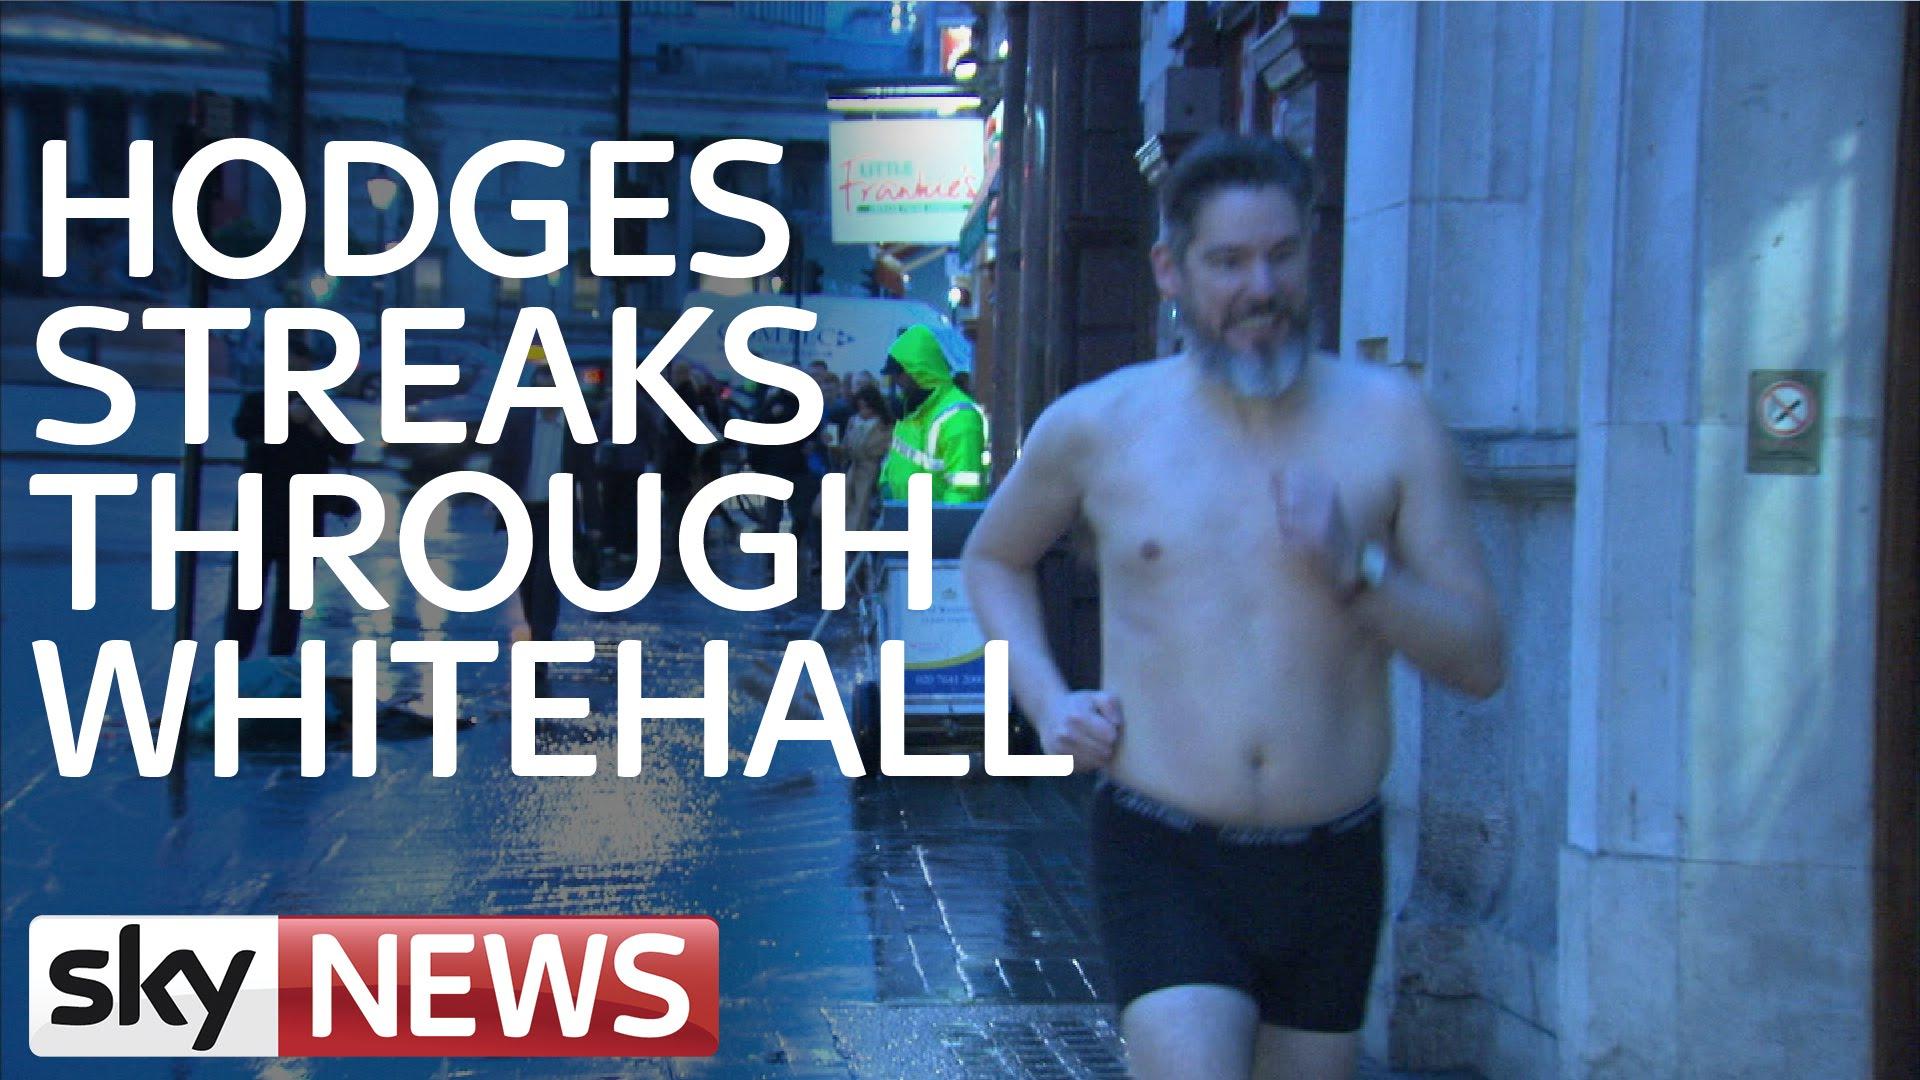 فيديو: صحفي بريطاني يركض عاريا في شوارع لندن